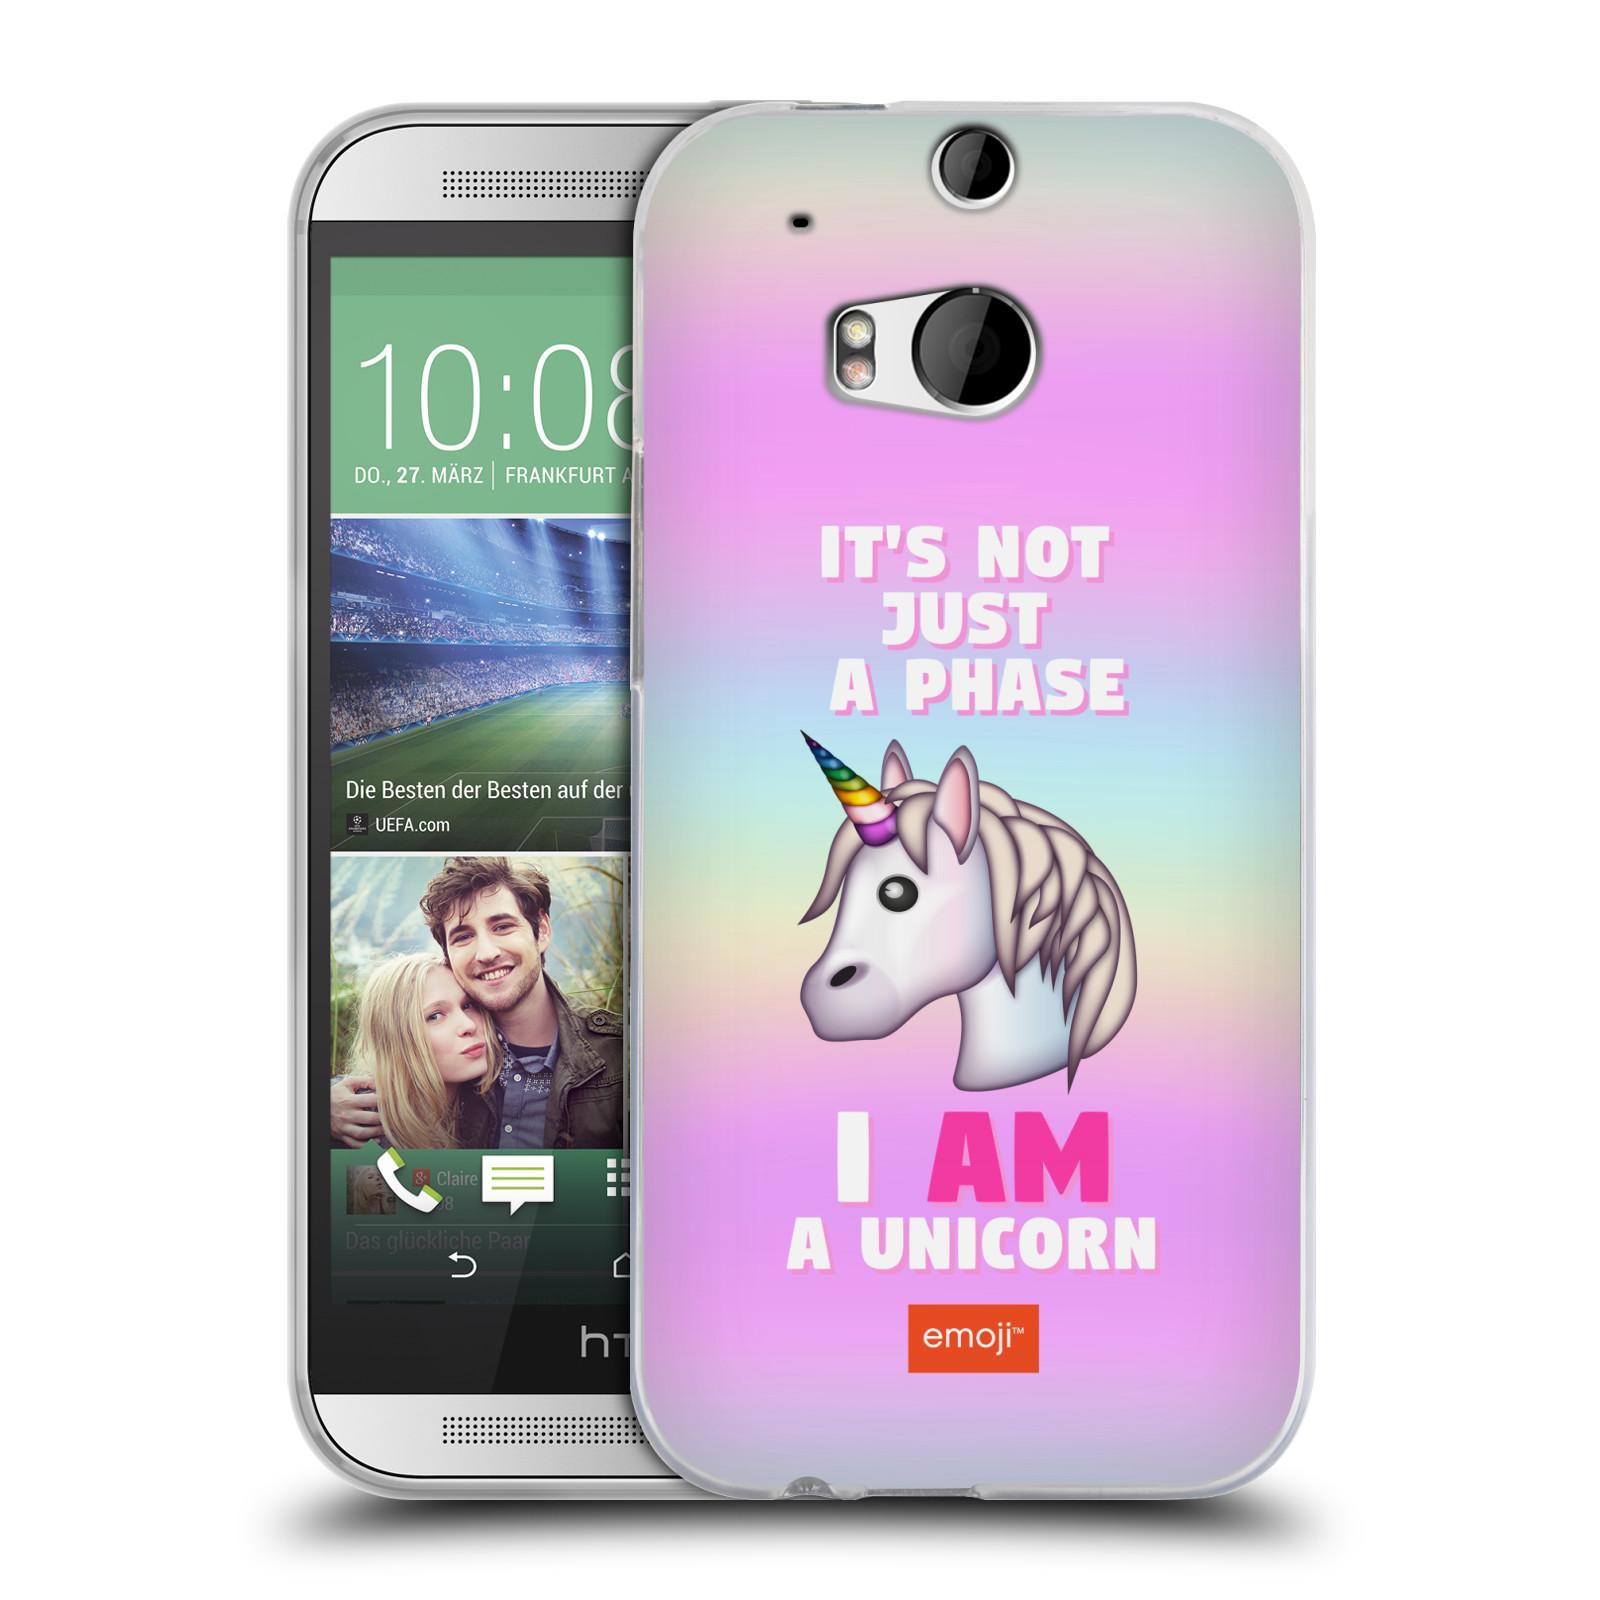 HEAD CASE silikonový obal na mobil HTC one M8   M8s smajlíci oficiální kryt  EMOJI vzor jednorožec růžová I AM UNICORN 440f8aa3460